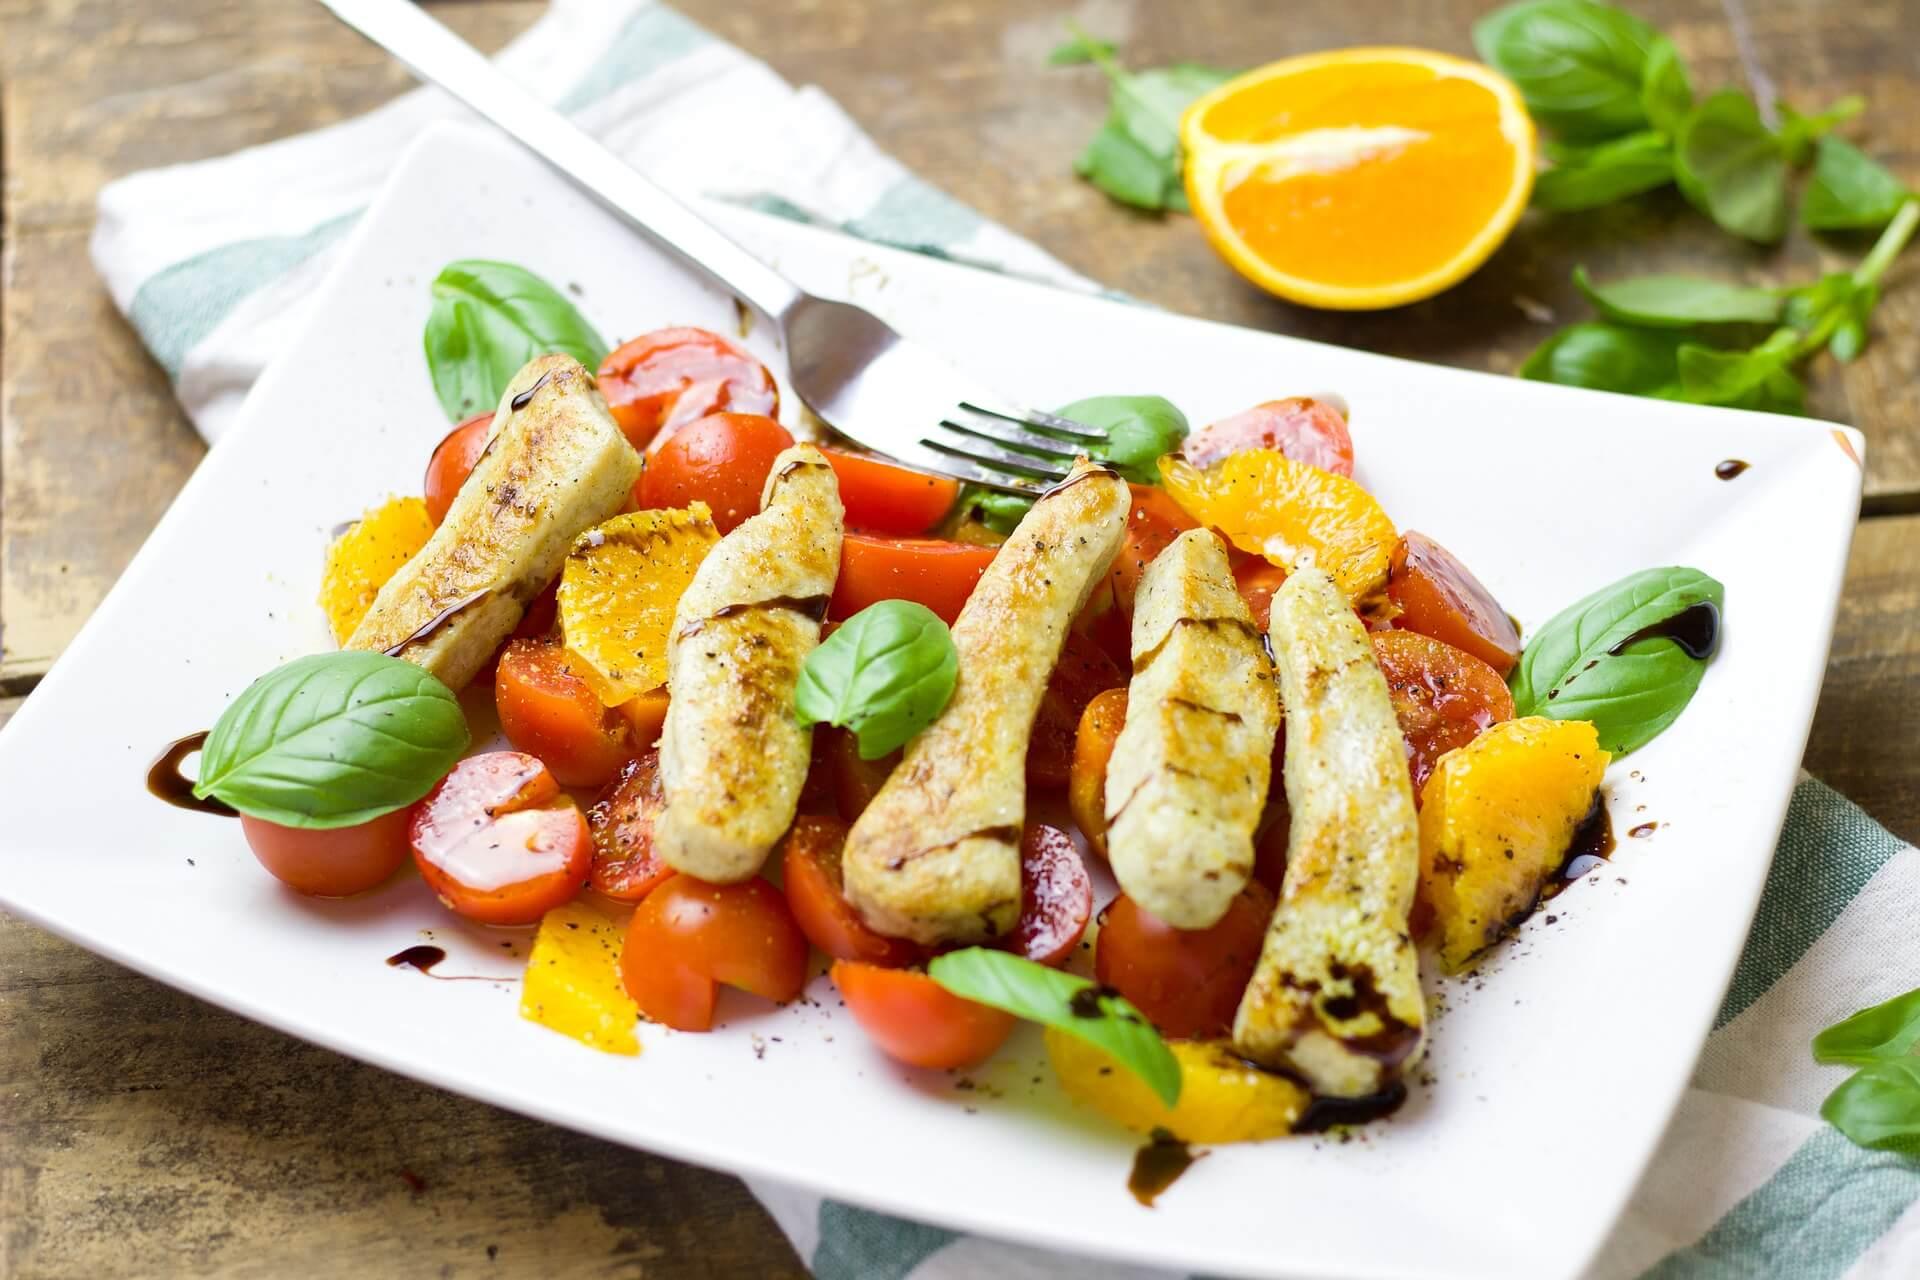 Vleesvervangers: de bouwstenen voor jouw vegetarische maaltijd